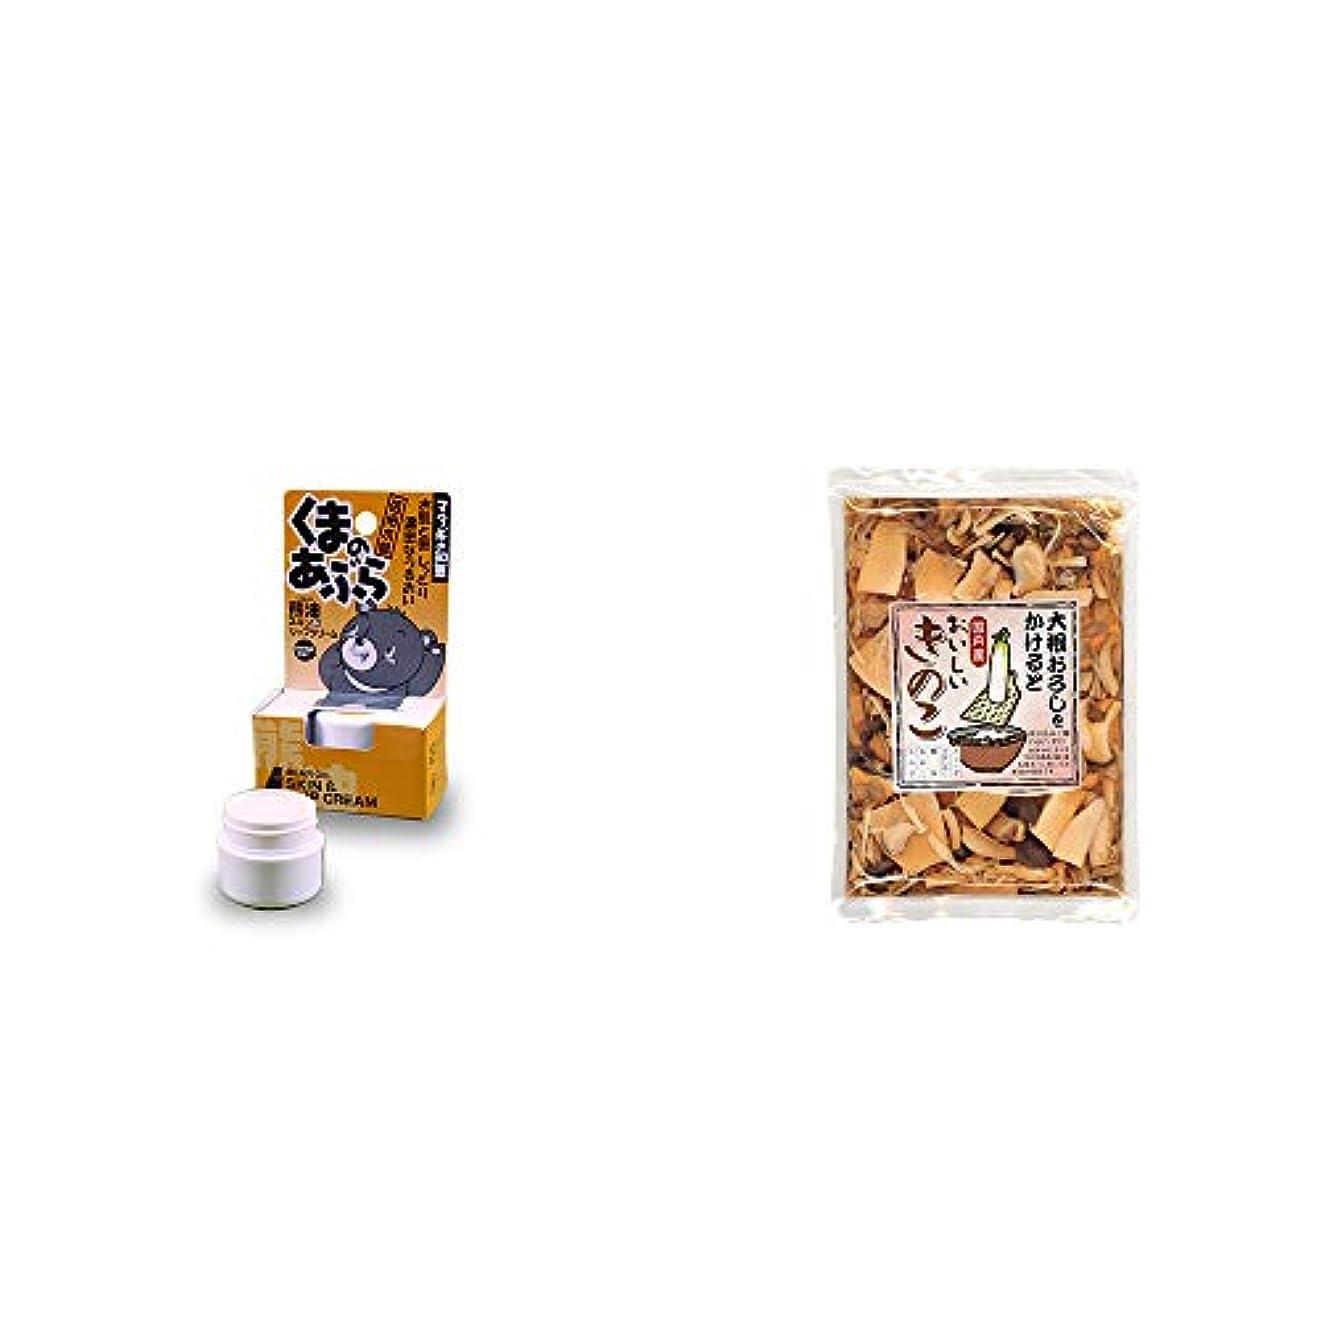 甘い広告早い[2点セット] 信州木曽 くまのあぶら 熊油スキン&リップクリーム(9g)?大根おろしをかけると おいしいきのこ(180g)